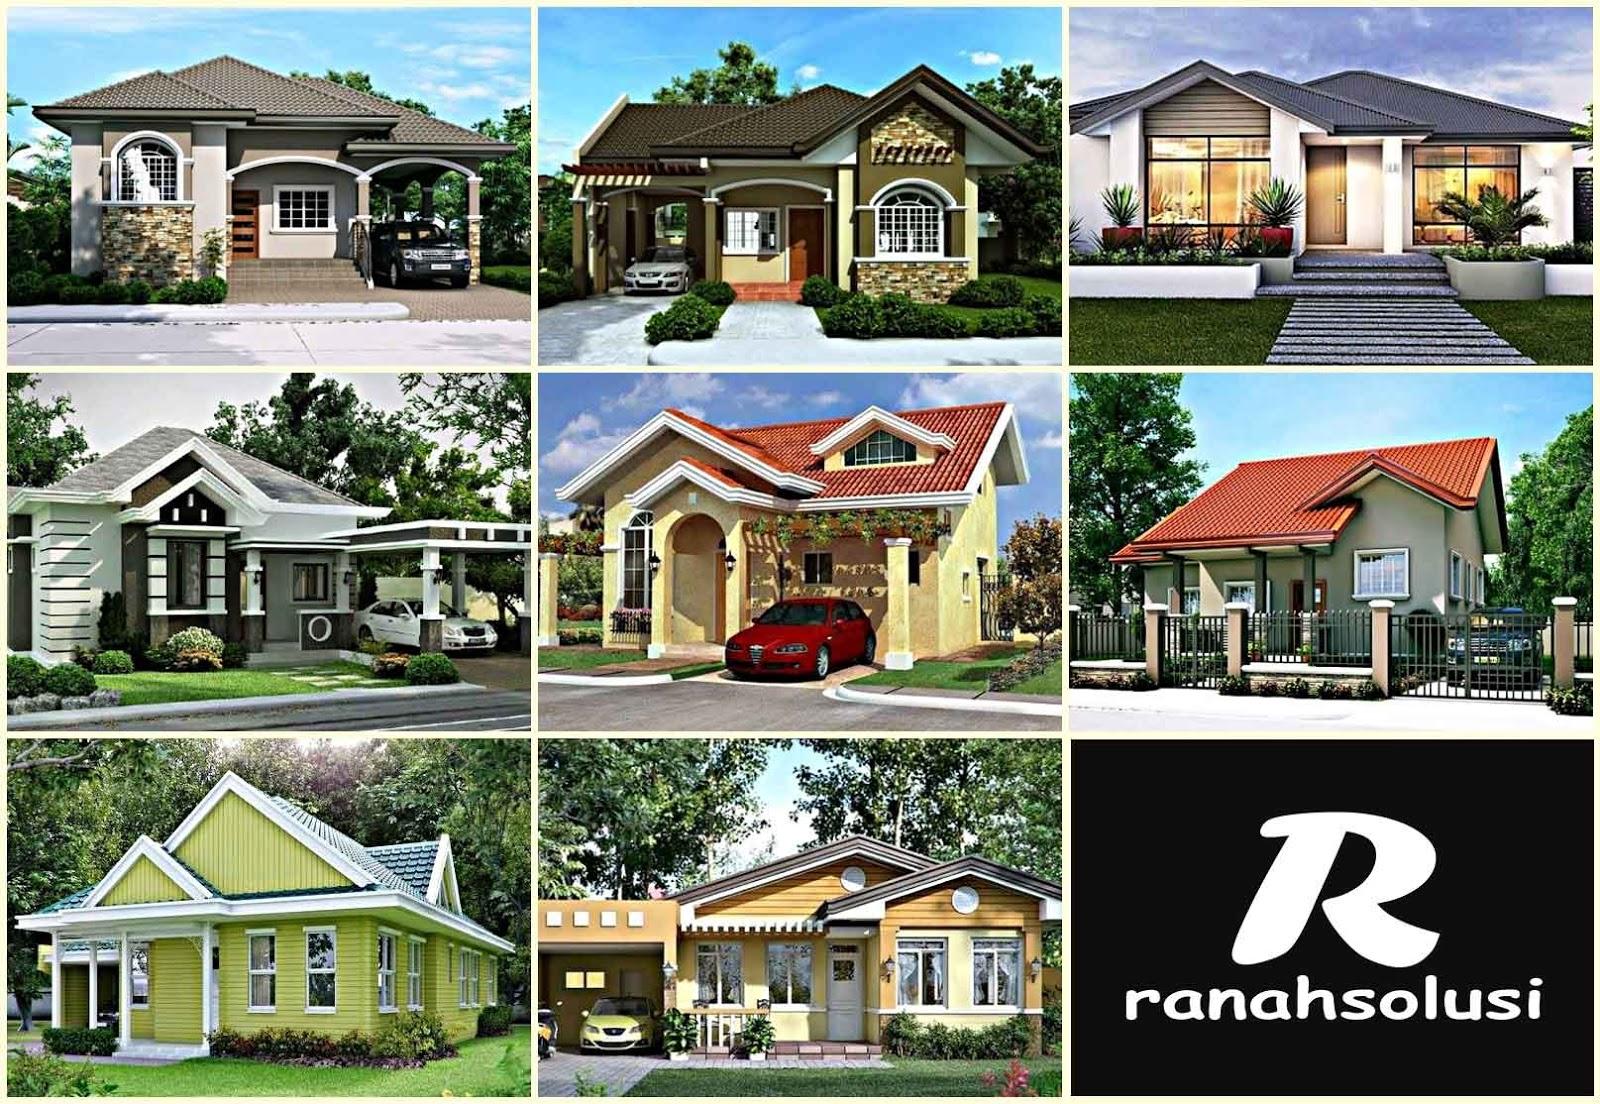 8 Contoh Desain Rumah Minimalis Biaya 100 Juta Terbaru Dan Modern